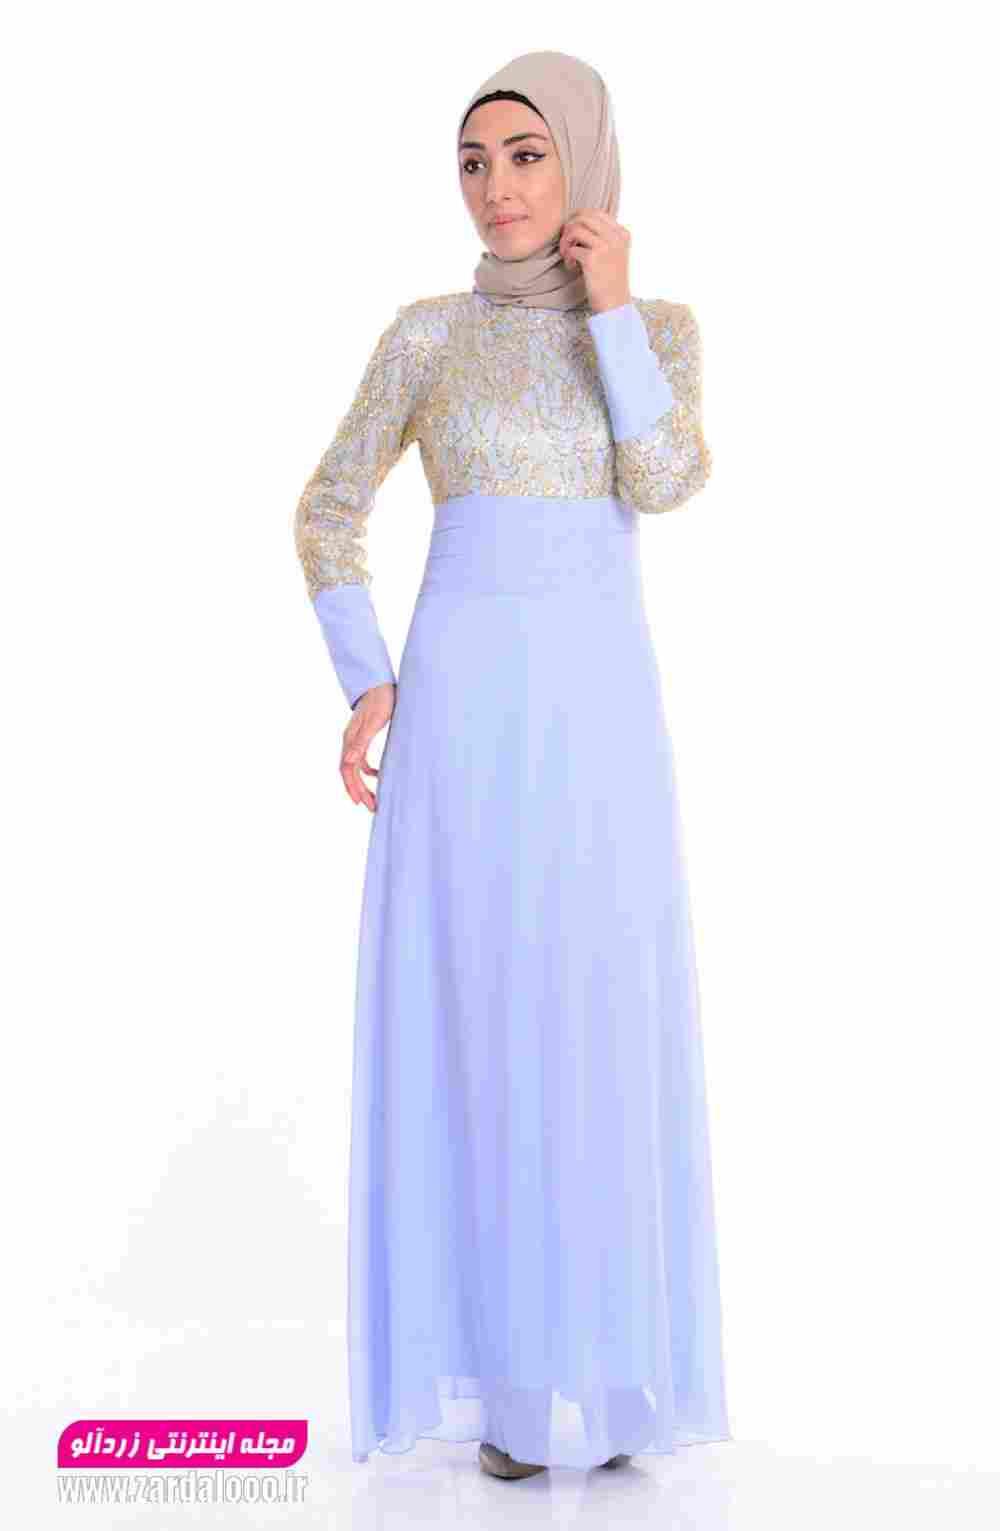 لباس مجلسی ساده و شیک جدید 2018